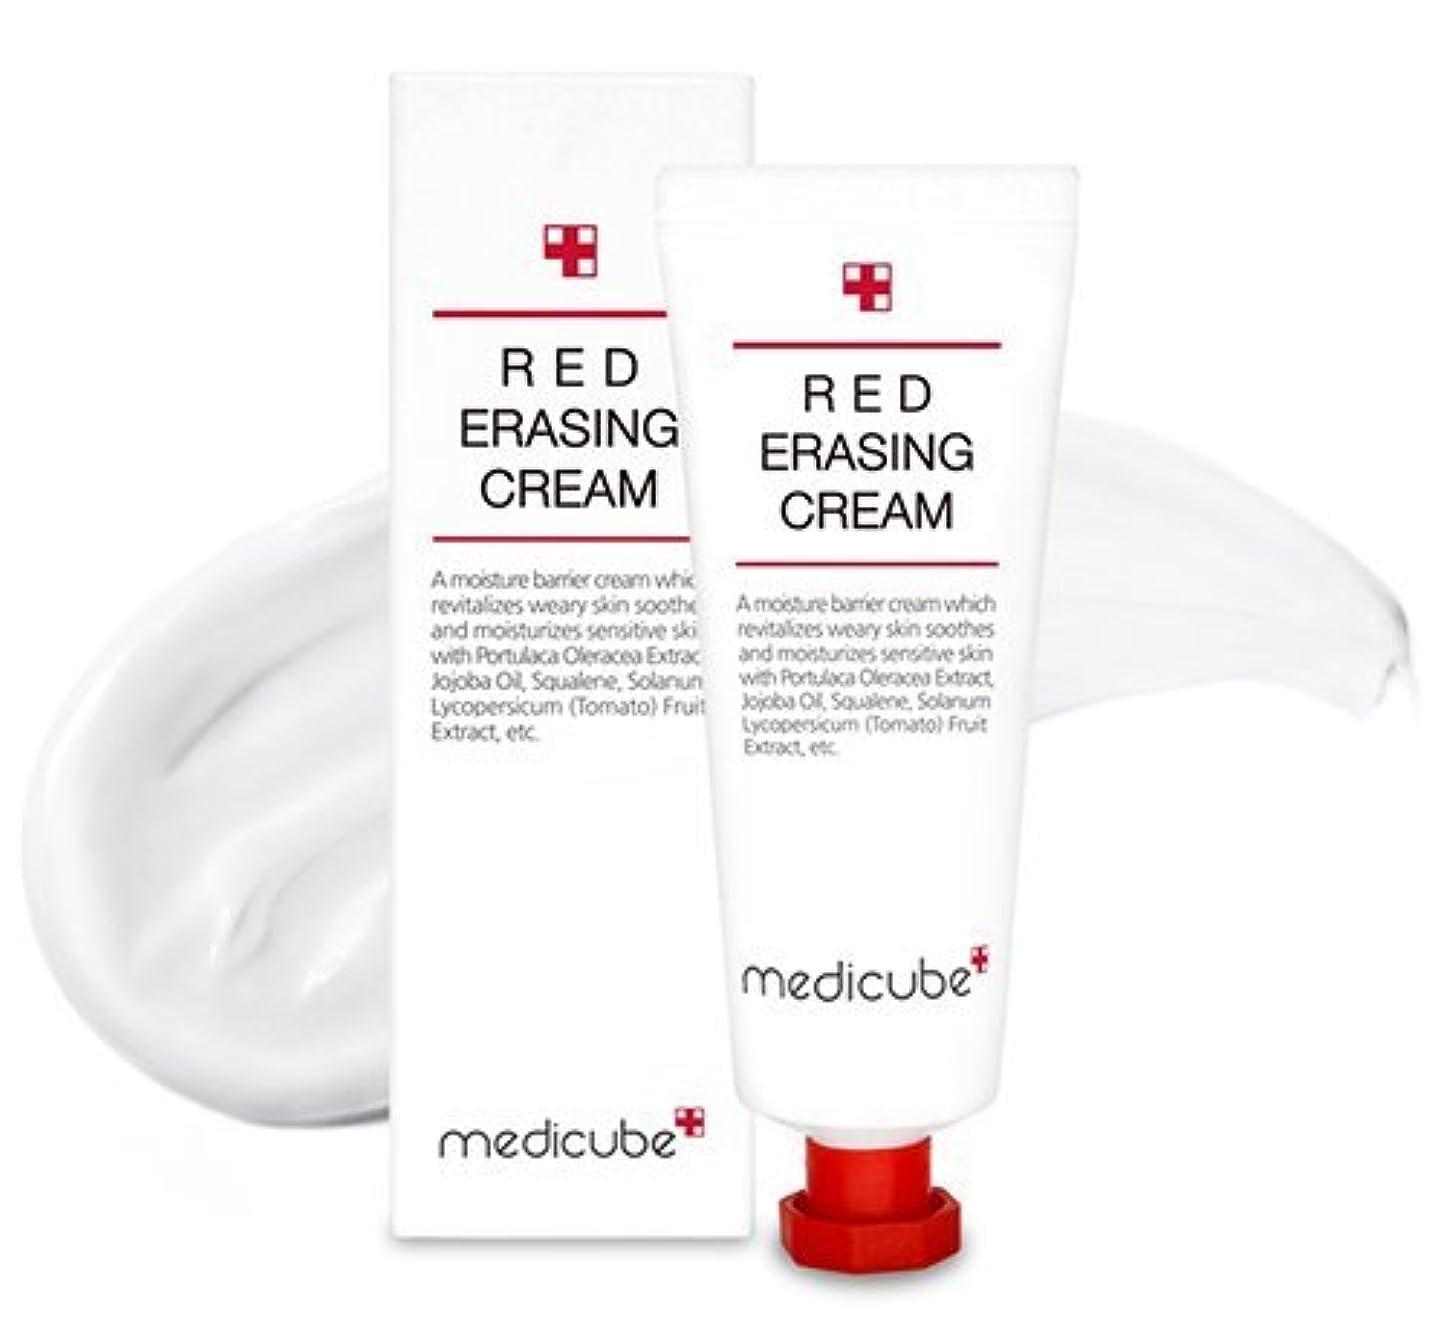 公然と癒すシャワーmedicube メディキューブ レッド イレイジングクリーム 角質ケアクリーム50g [並行輸入品]